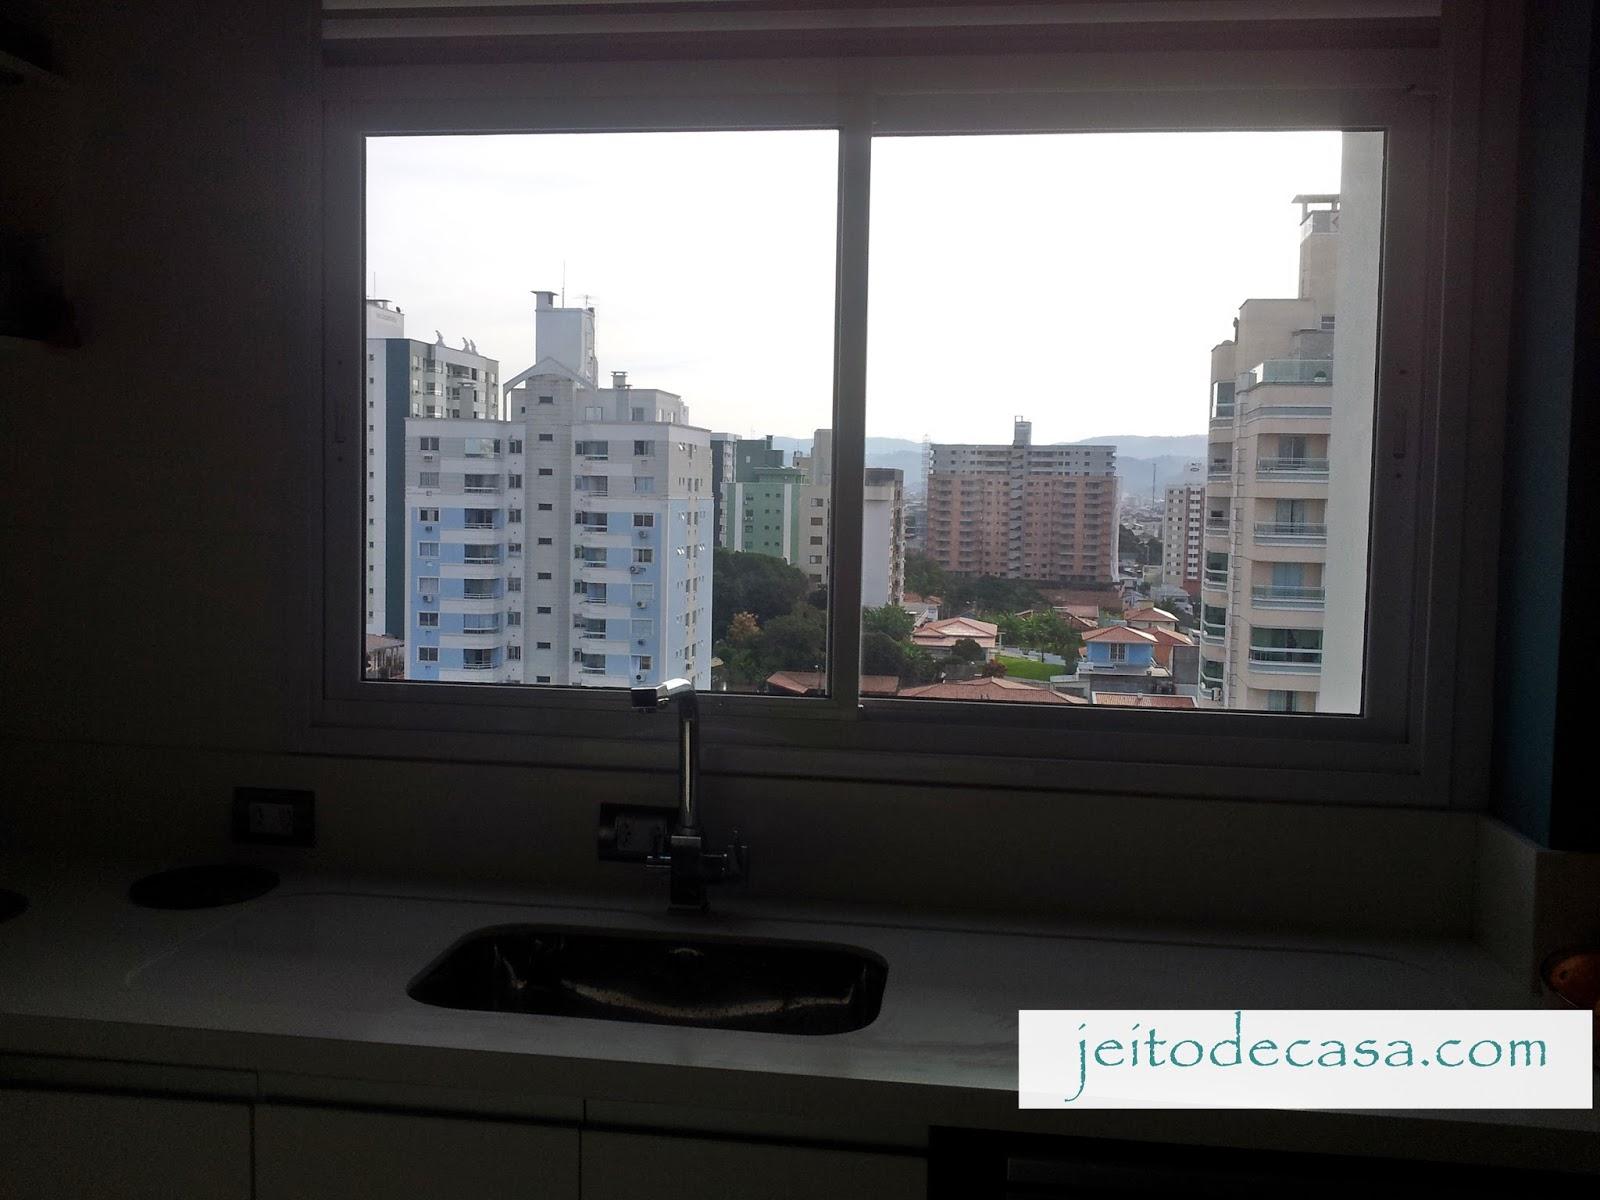 #50747B Janela da cozinha vidro fosco ou transparente? Jeito de Casa  42 Janelas De Vidro Cozinha